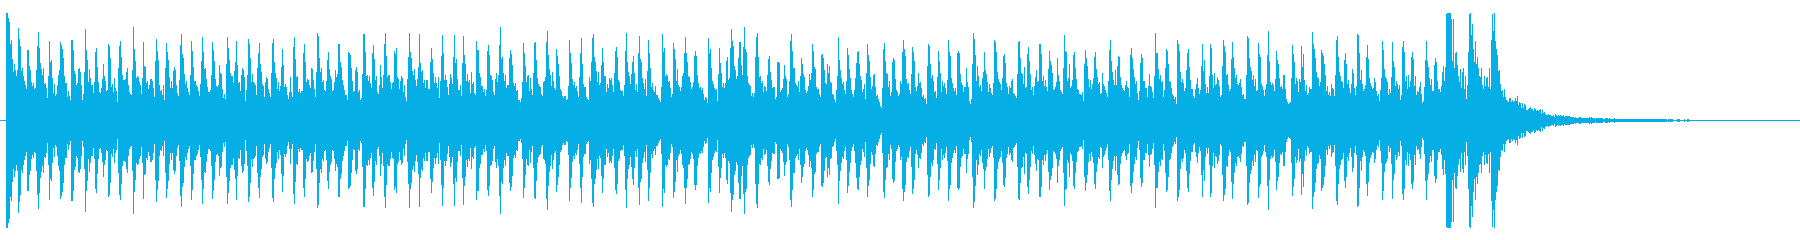 結果発表を盛り上げるドラムロール①の再生済みの波形